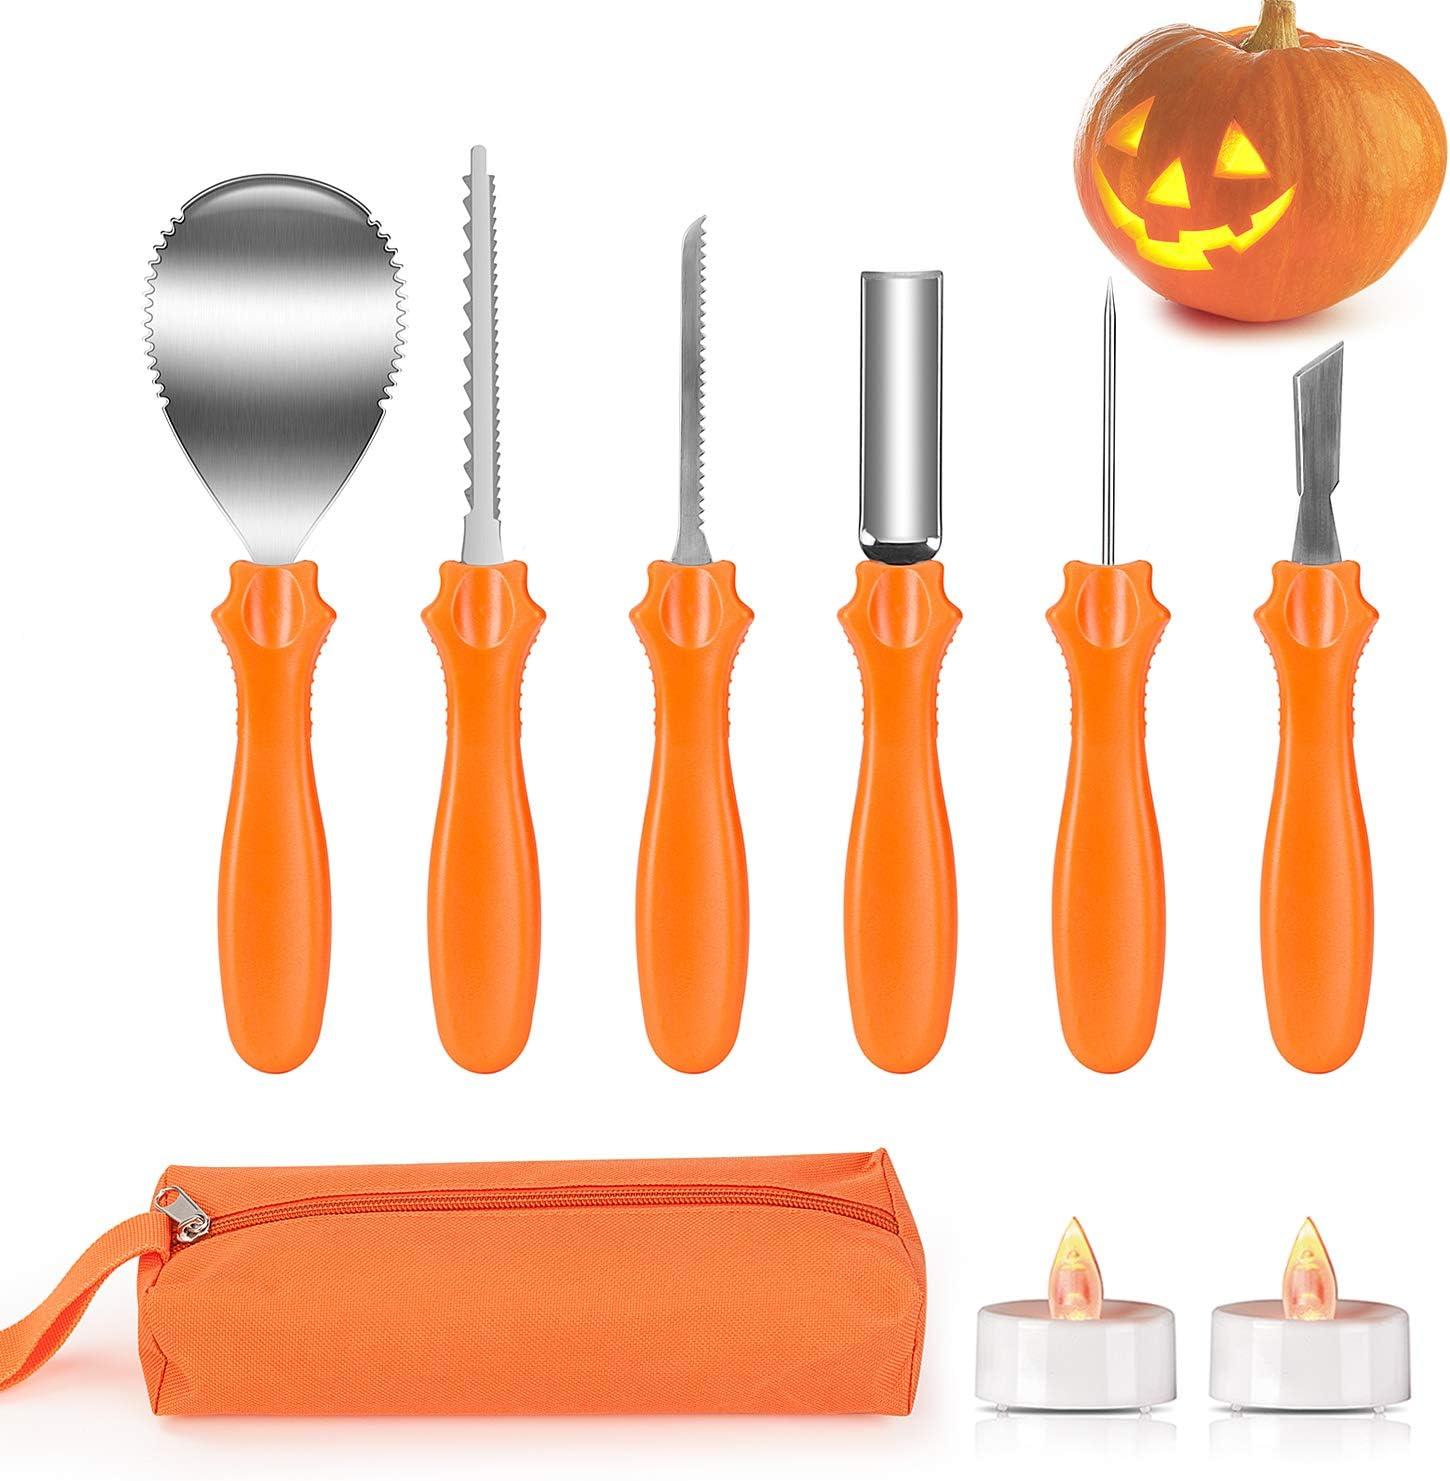 Joyjoz Calabazas Decoración, Herramientas de Talla de Calabaza, Pumpkin Carving Kit Acero Inoxidable Calabaza Talla Kit, Plantillas de Talla Decoración de Halloween